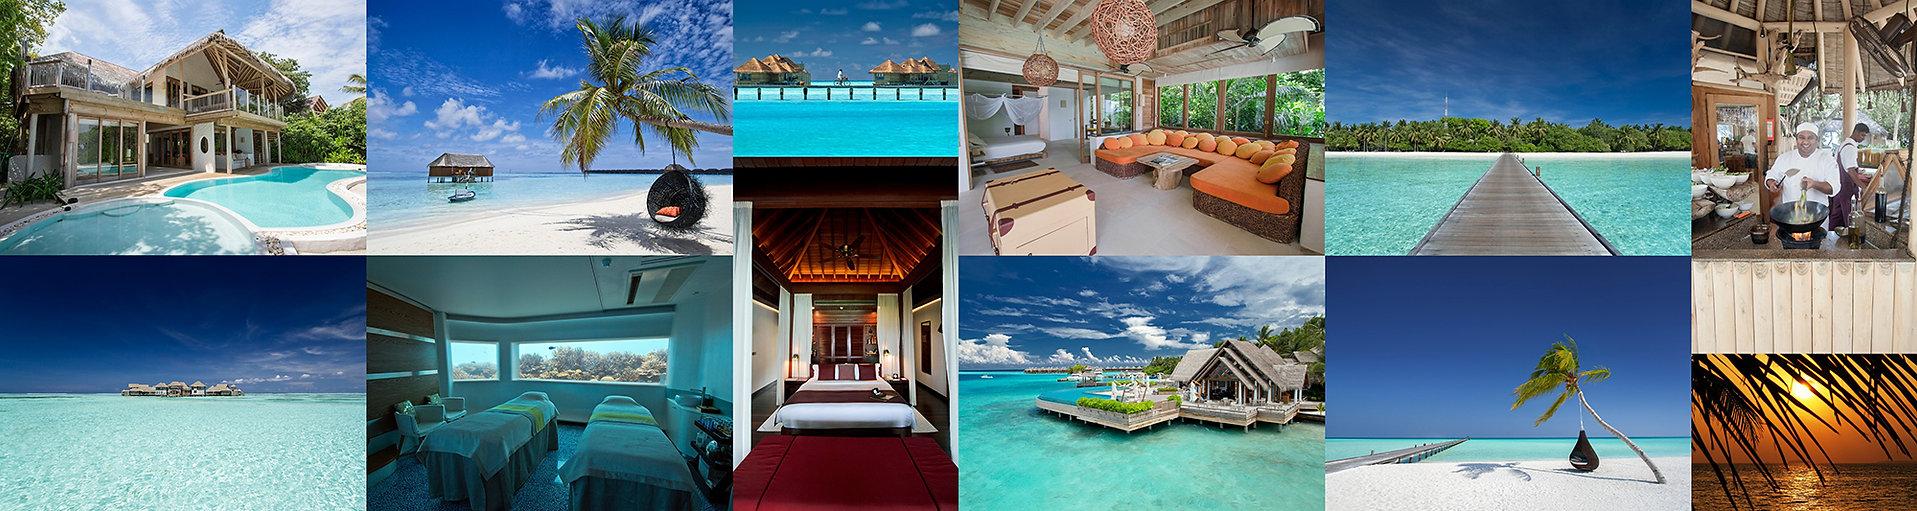 Resorty, Maledivy, resorty na Maledivách